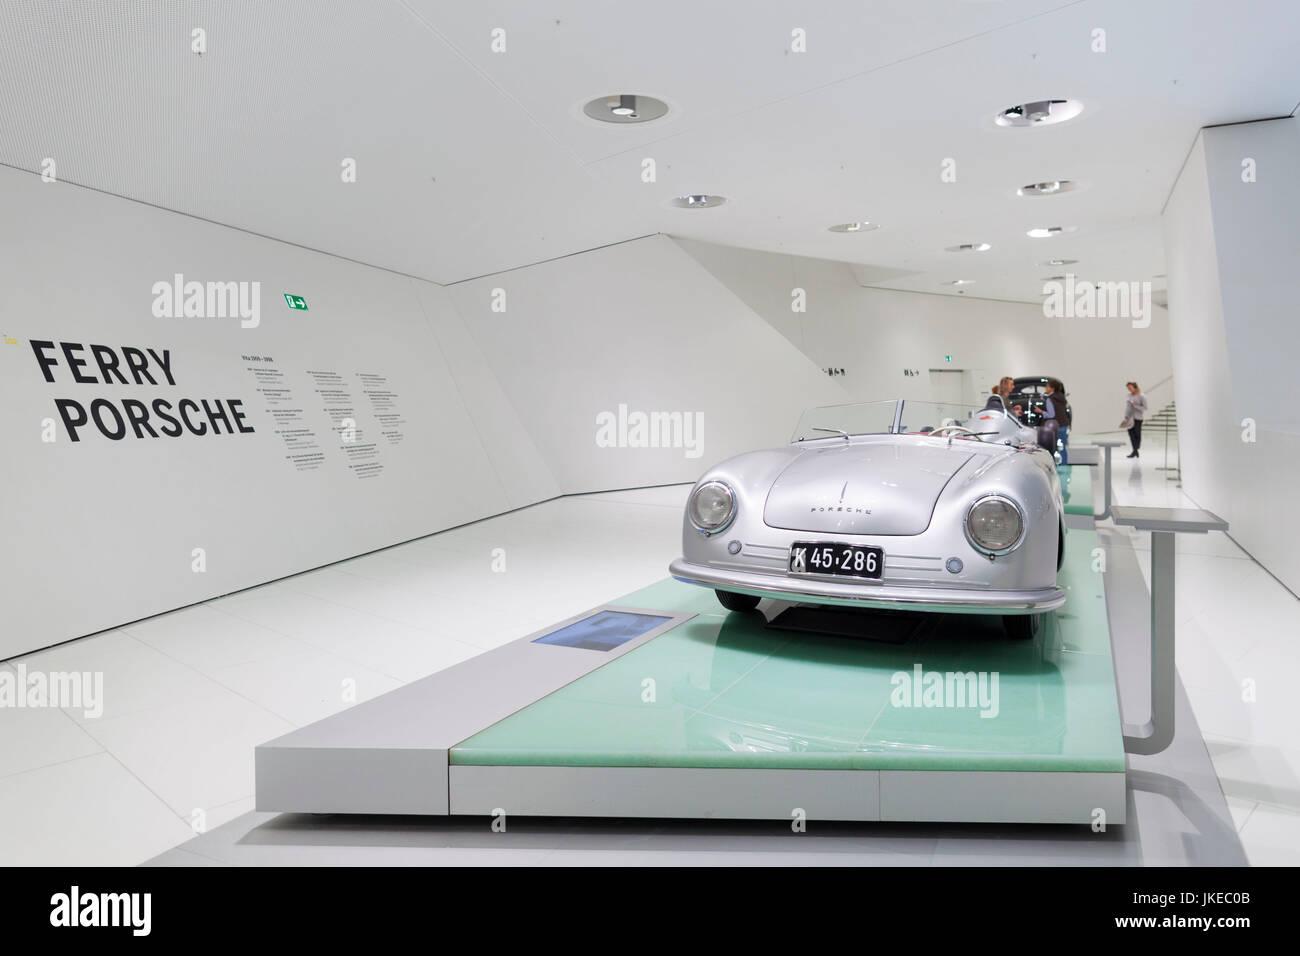 Deutschland, Baden-Württemberg, Stuttgart - Zuffenhausen, Porsche Automuseum, ersten Porsche-Sportwagen Stockbild